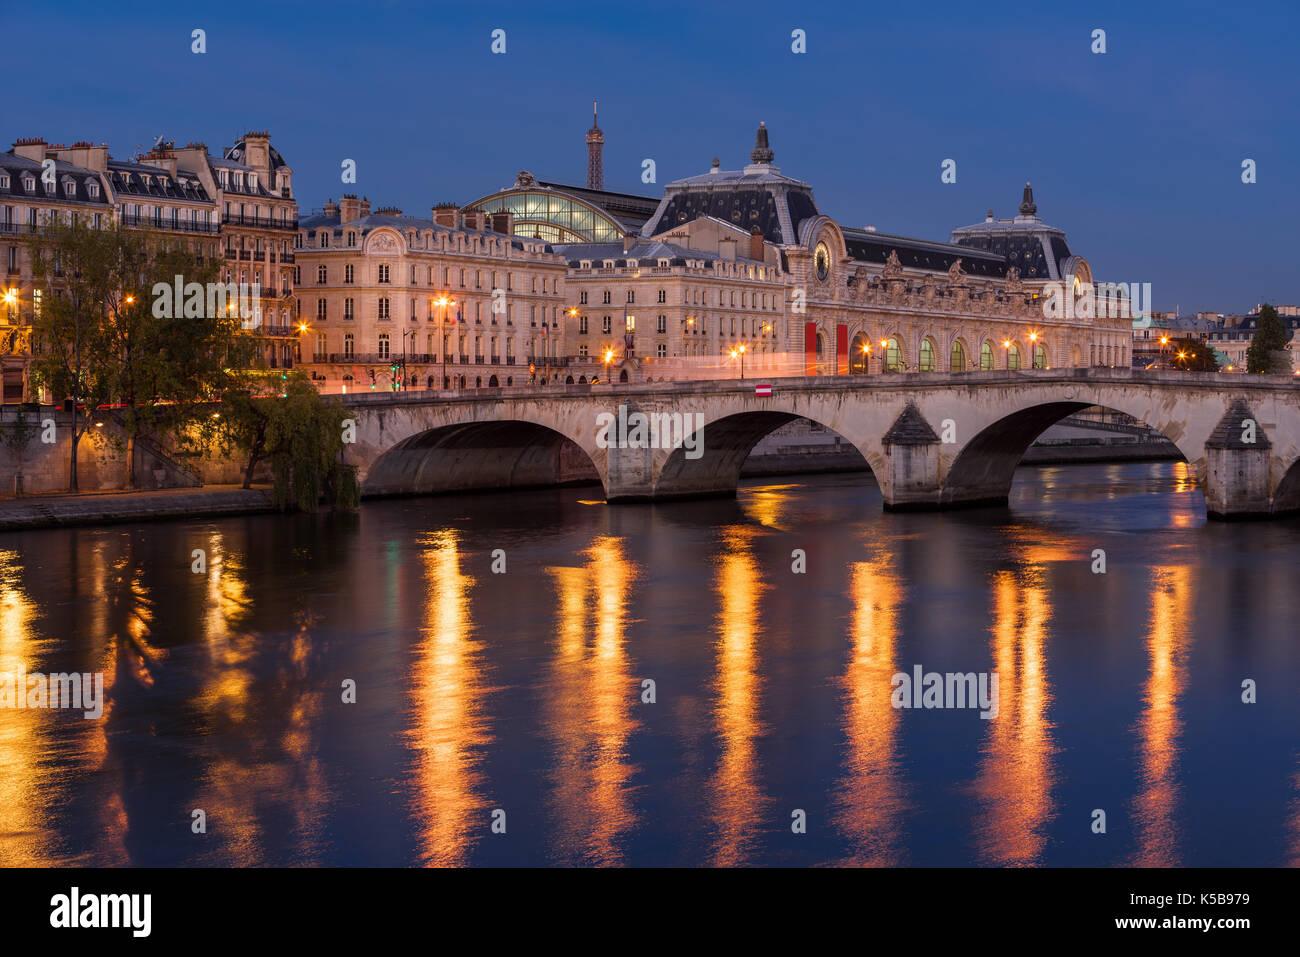 Senna banche, Pont Royal bridge e il Museo d' Orsay allo spuntar del giorno. Parigi, 7° Arrondissement, Francia Immagini Stock